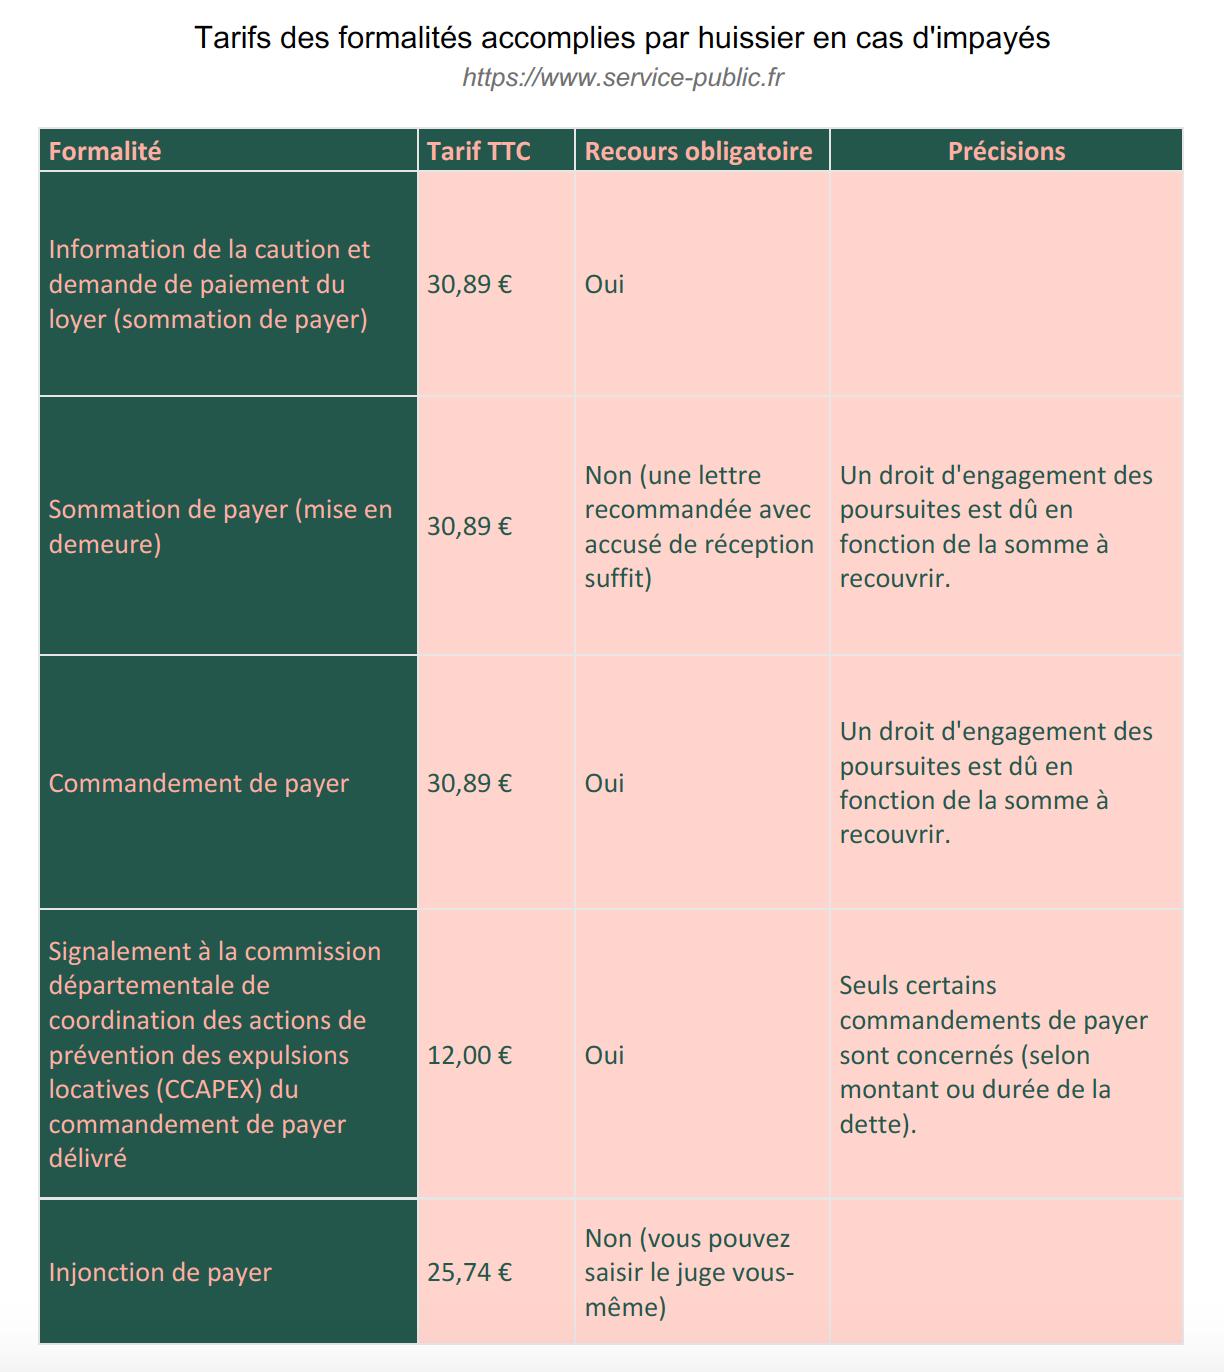 Tableau des tarifs de formalités accomplies par huissier en cas d'impayés source : service-public.fr